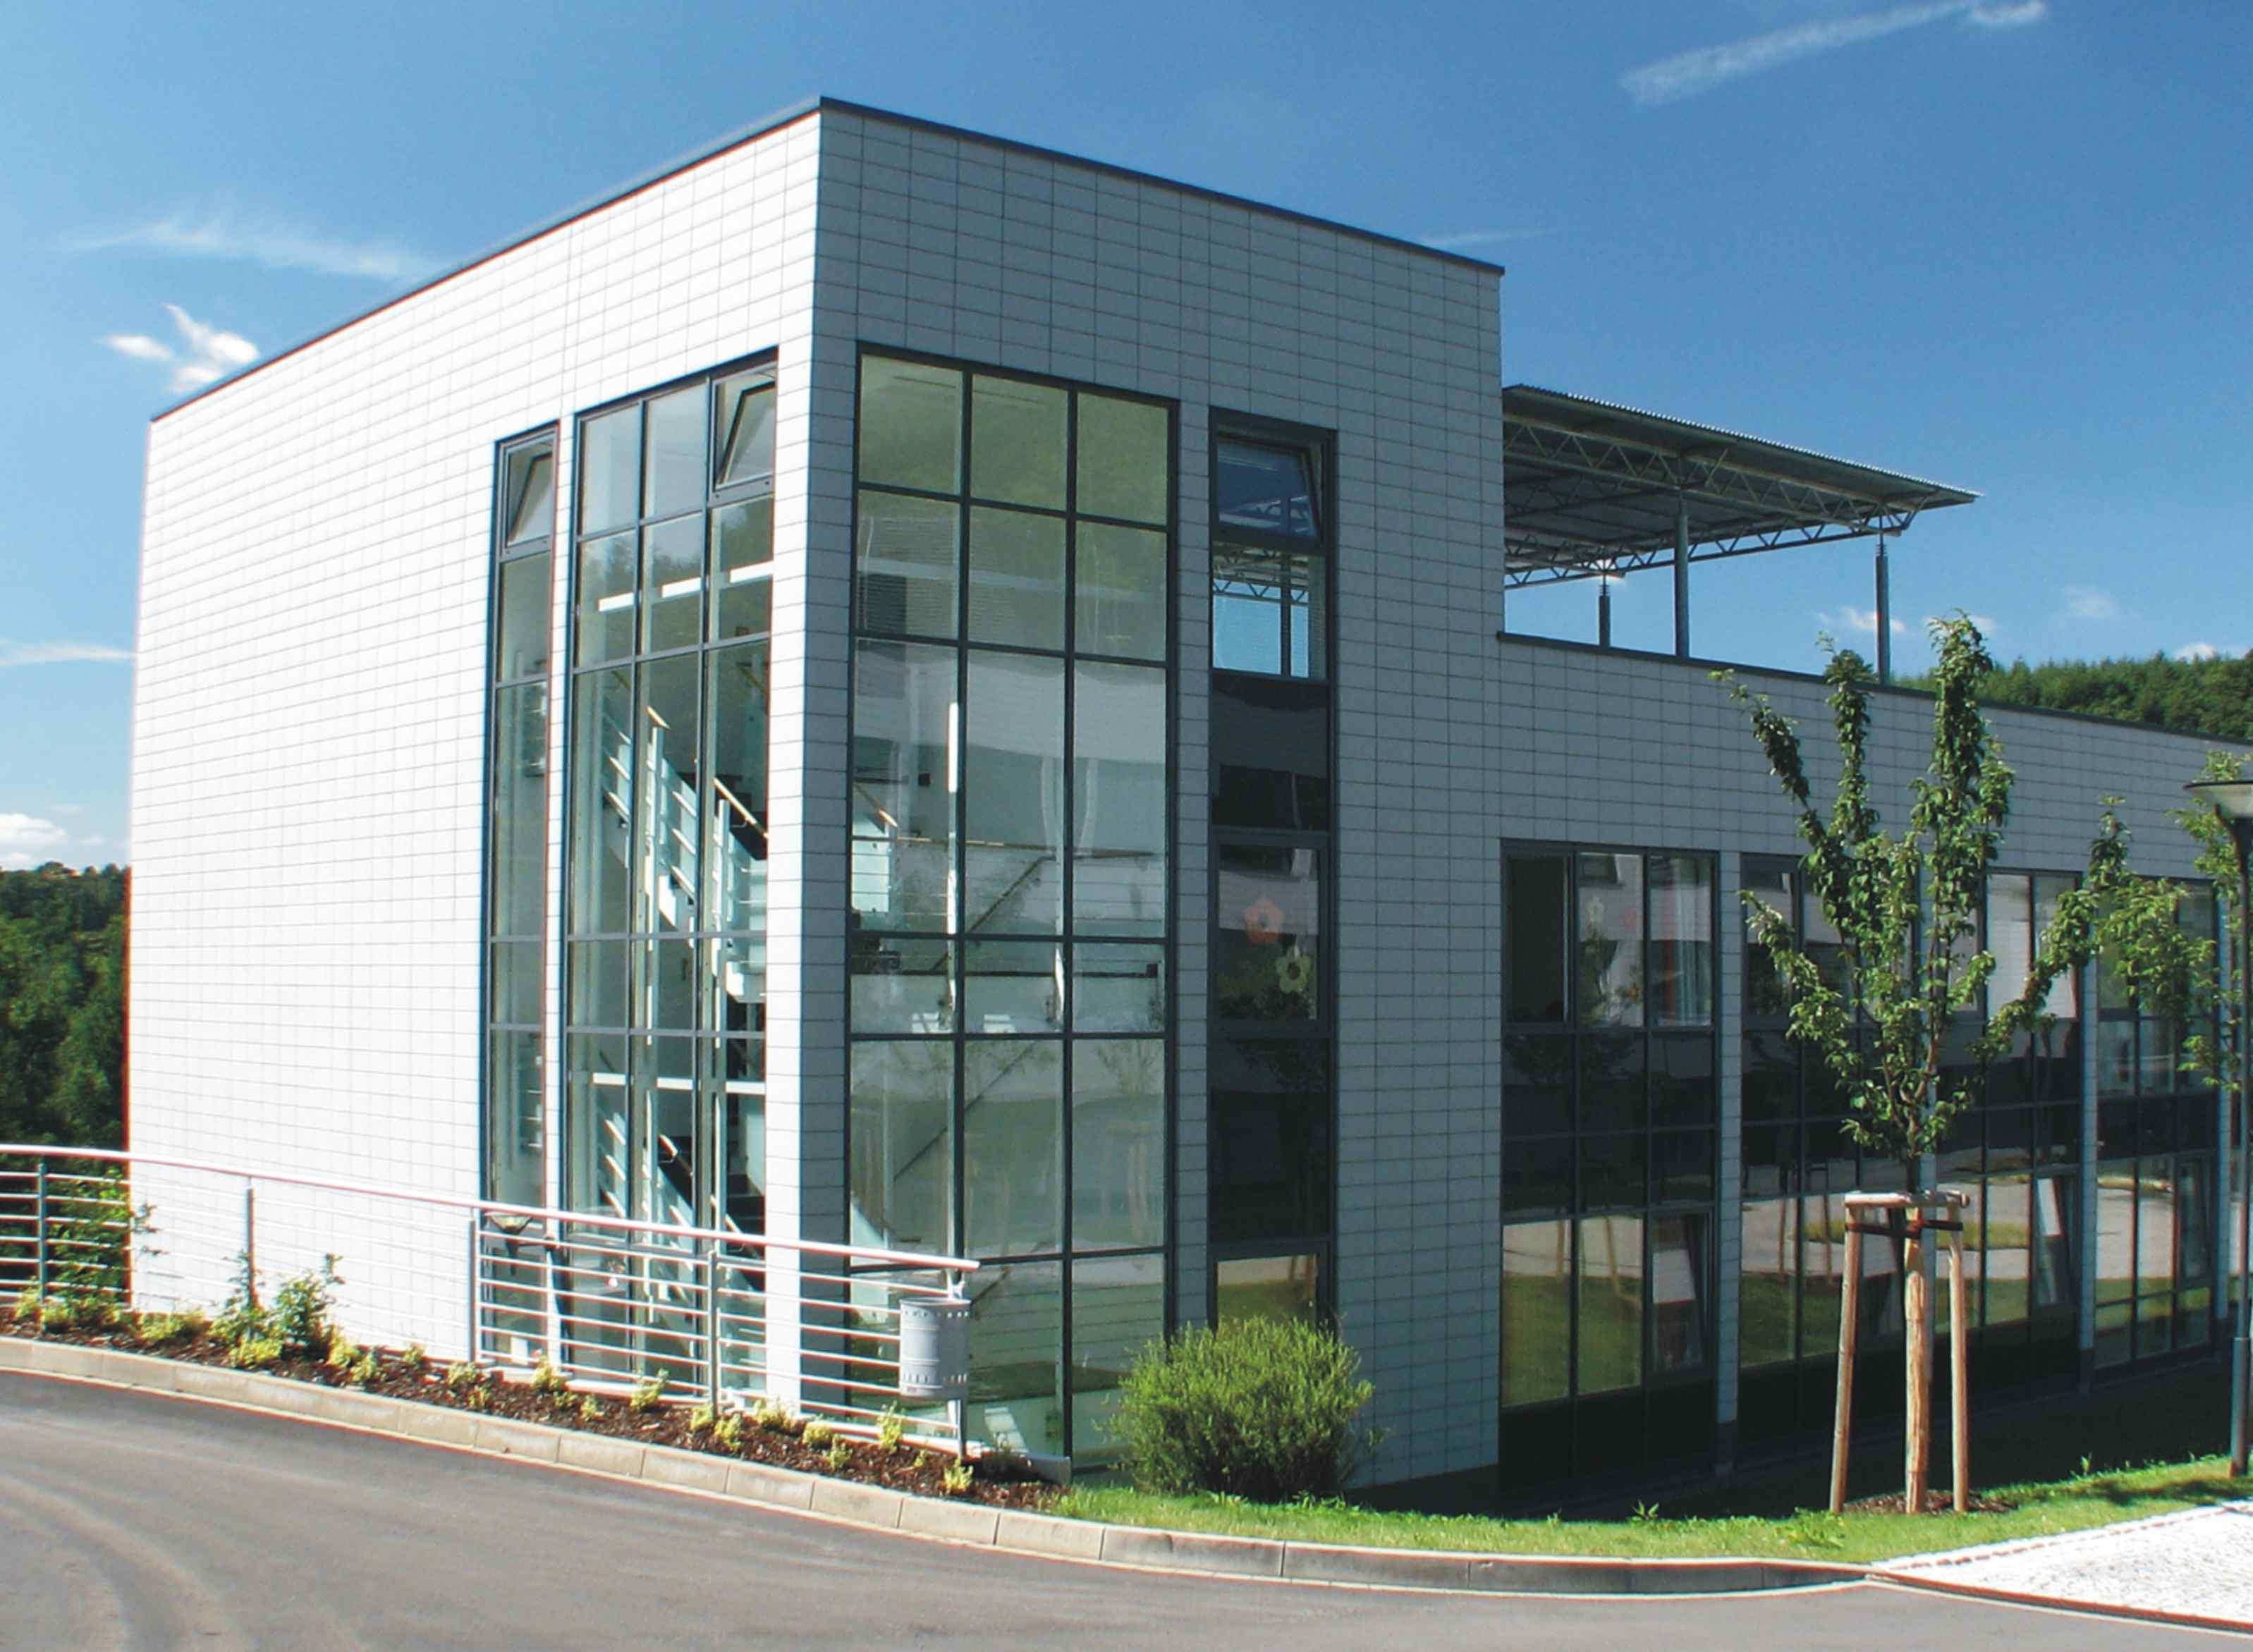 Eifelklinik Manderscheid Gebäude « Tourismus-Netzwerk